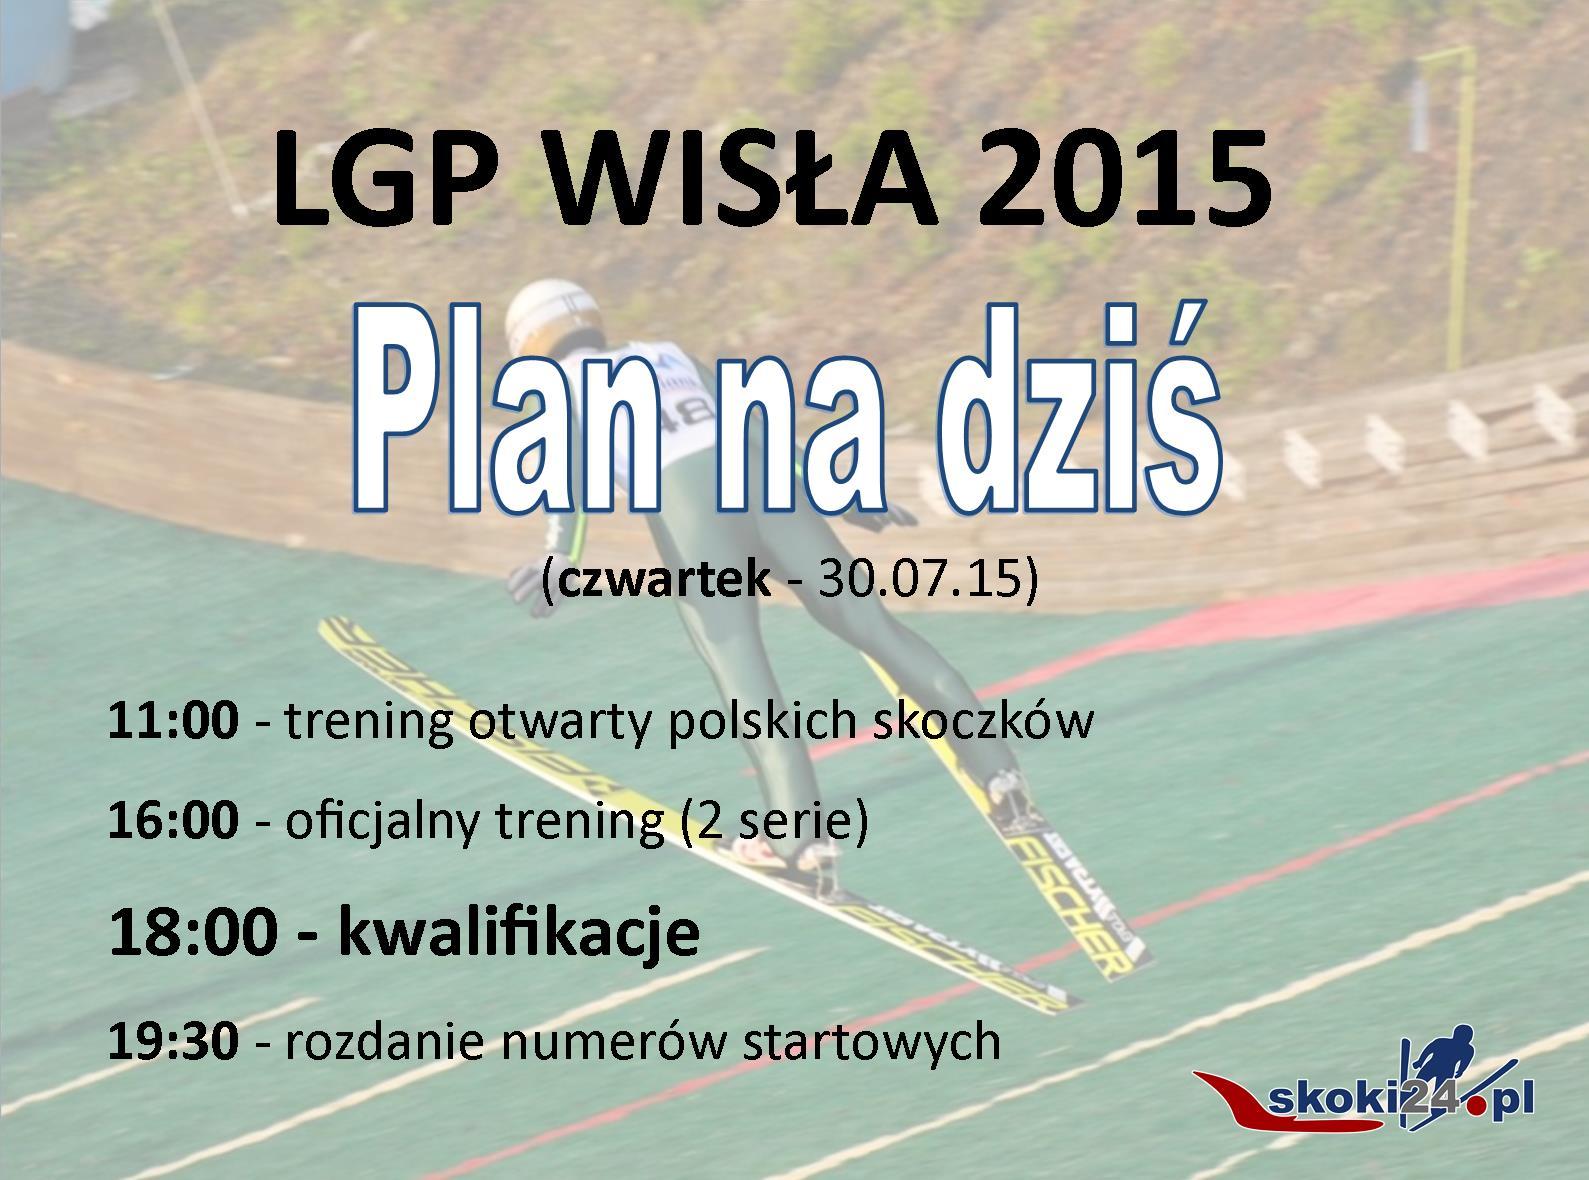 LGP 15 wisla Plan na dziś czwartek nowe